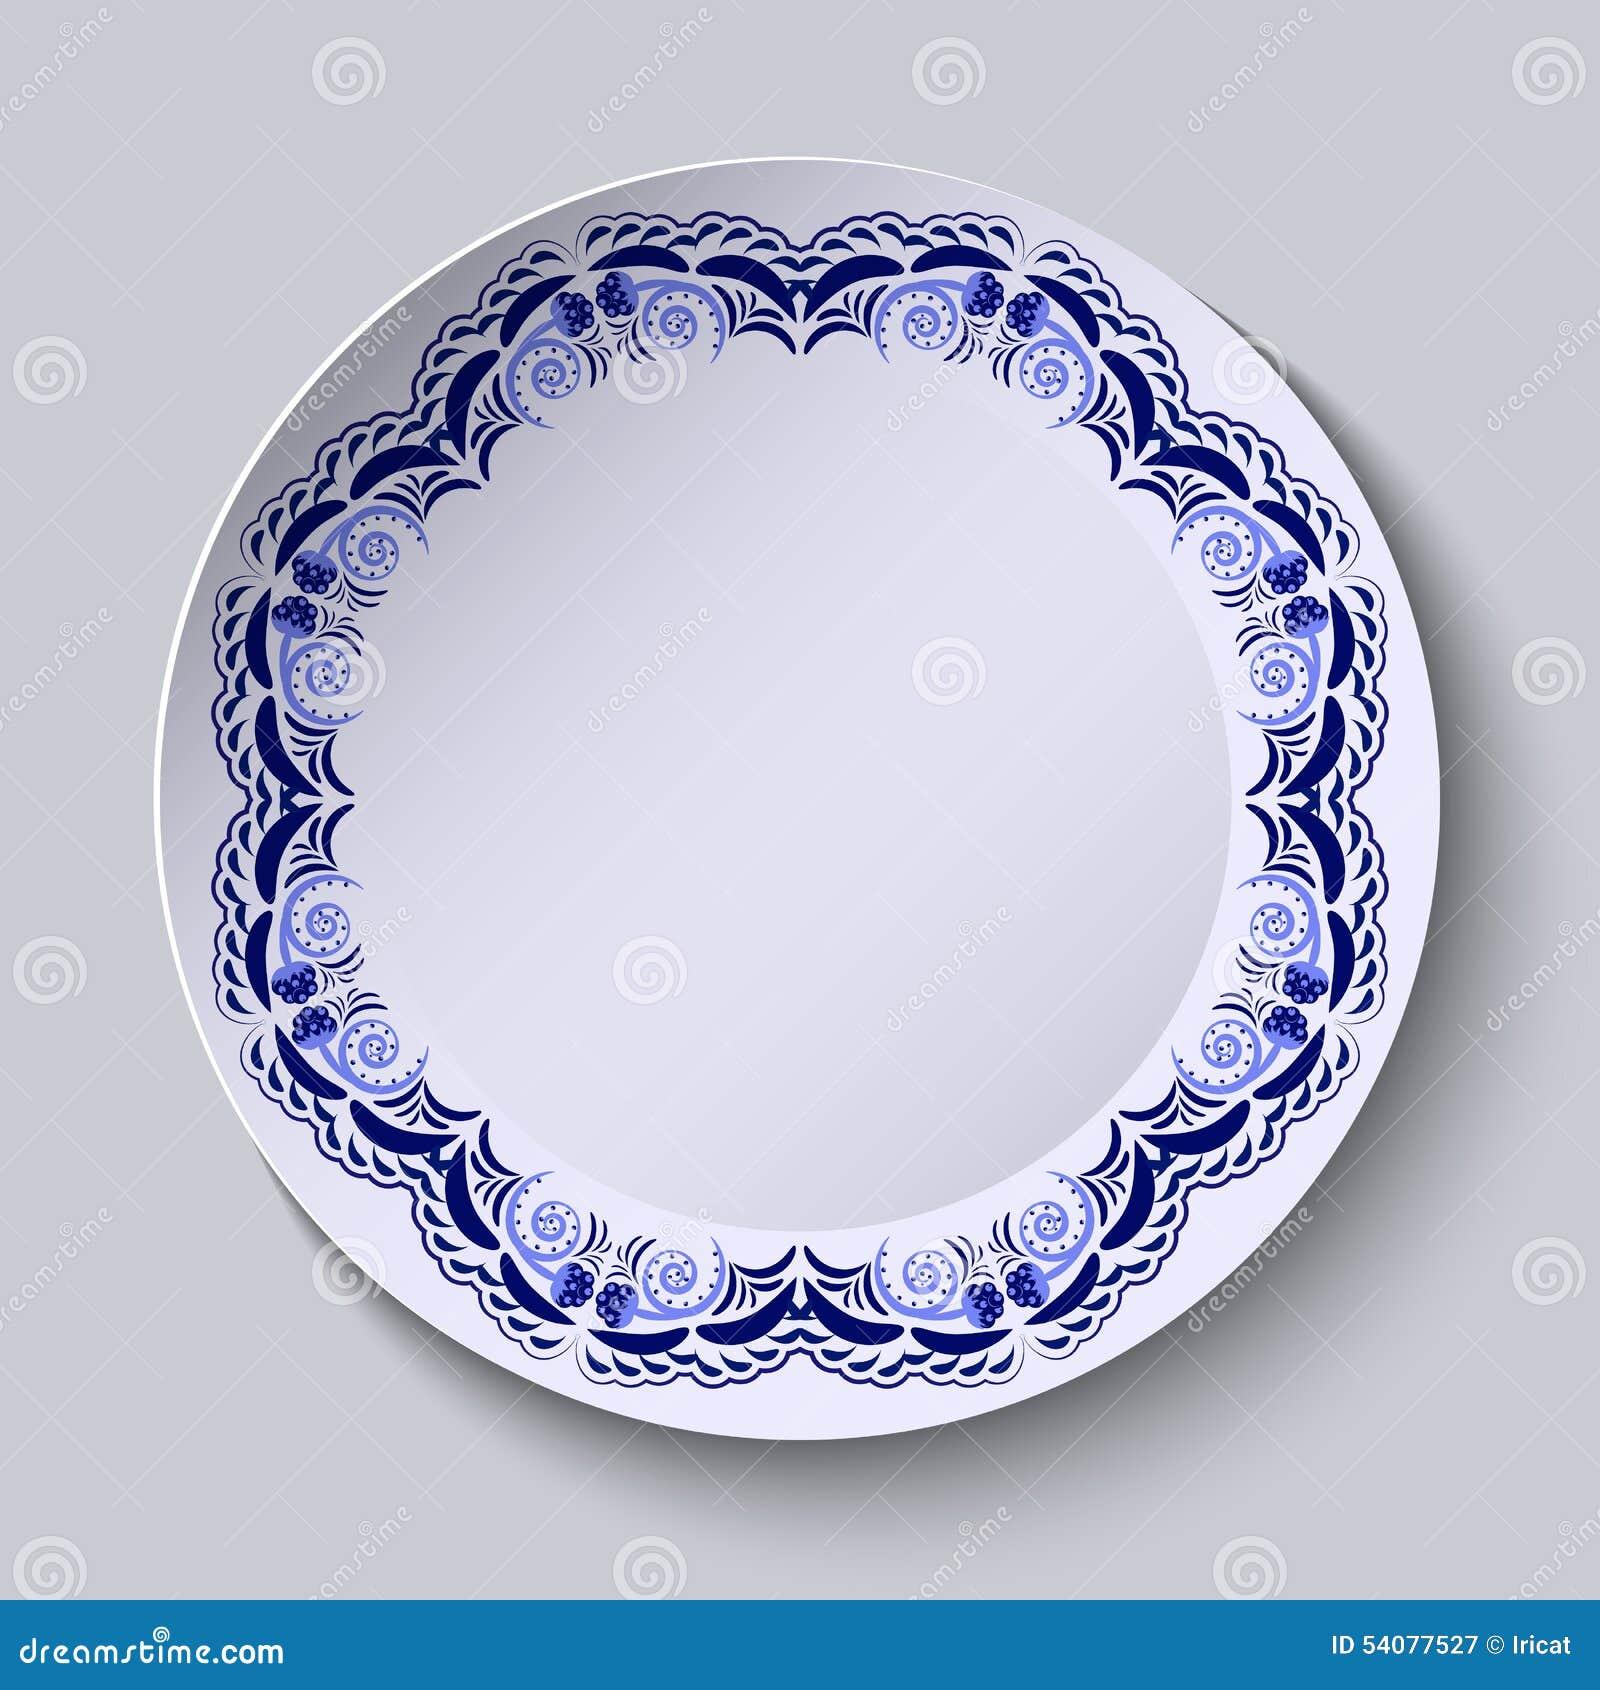 Blauw bloemenpatroon op de rand van de plaat Imitatie van het Chinese porselein schilderen